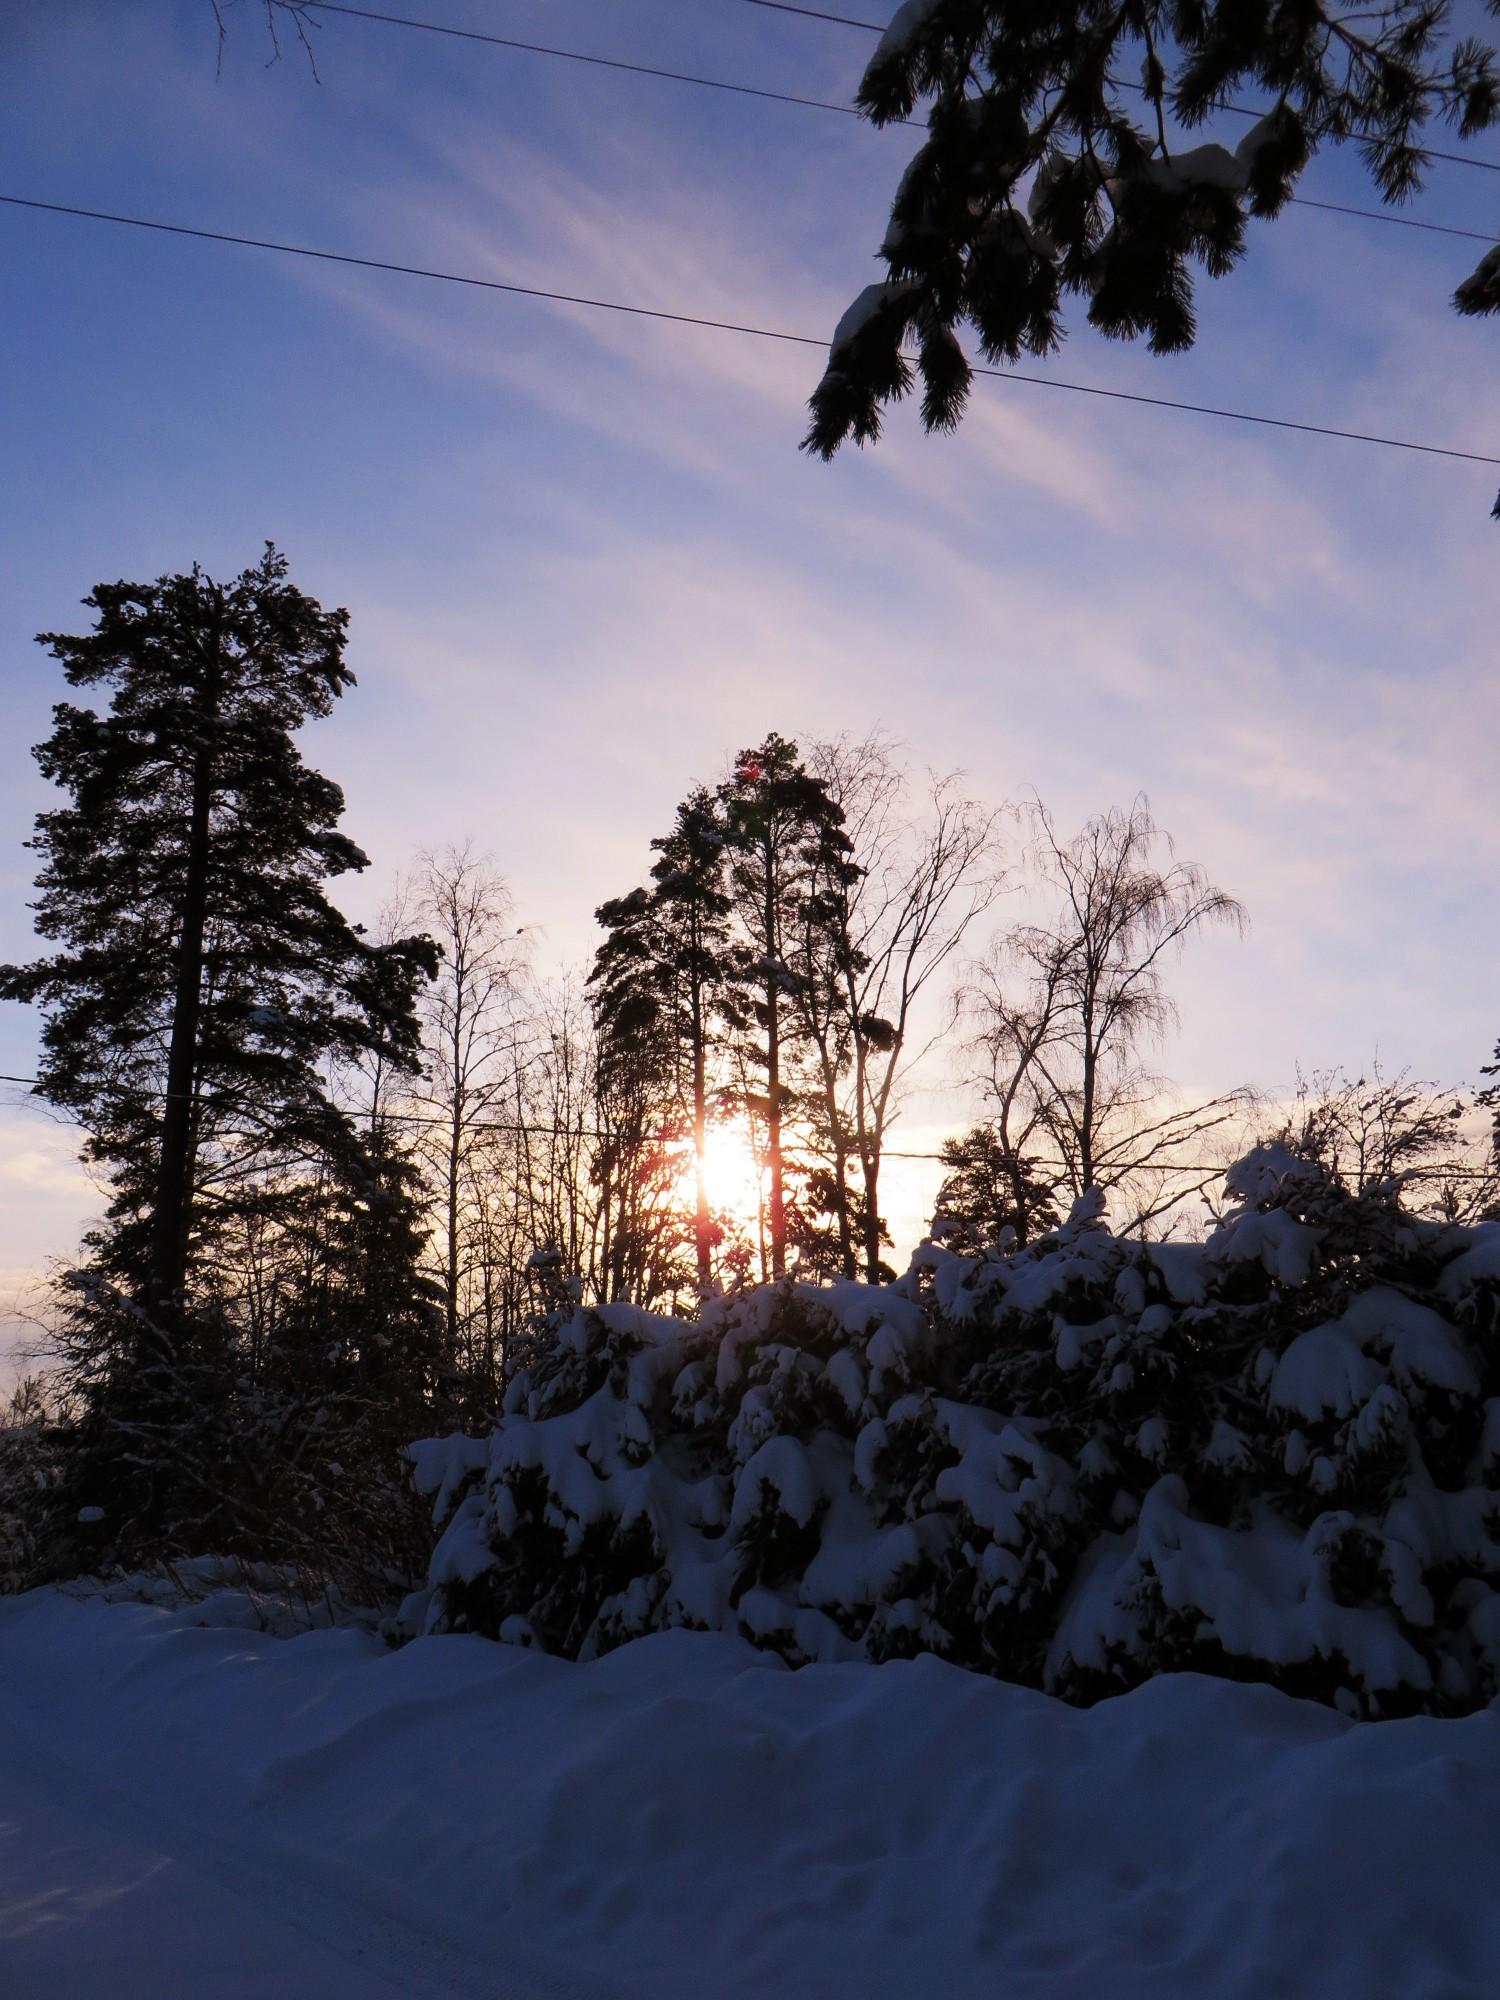 talvenkauneimmat9